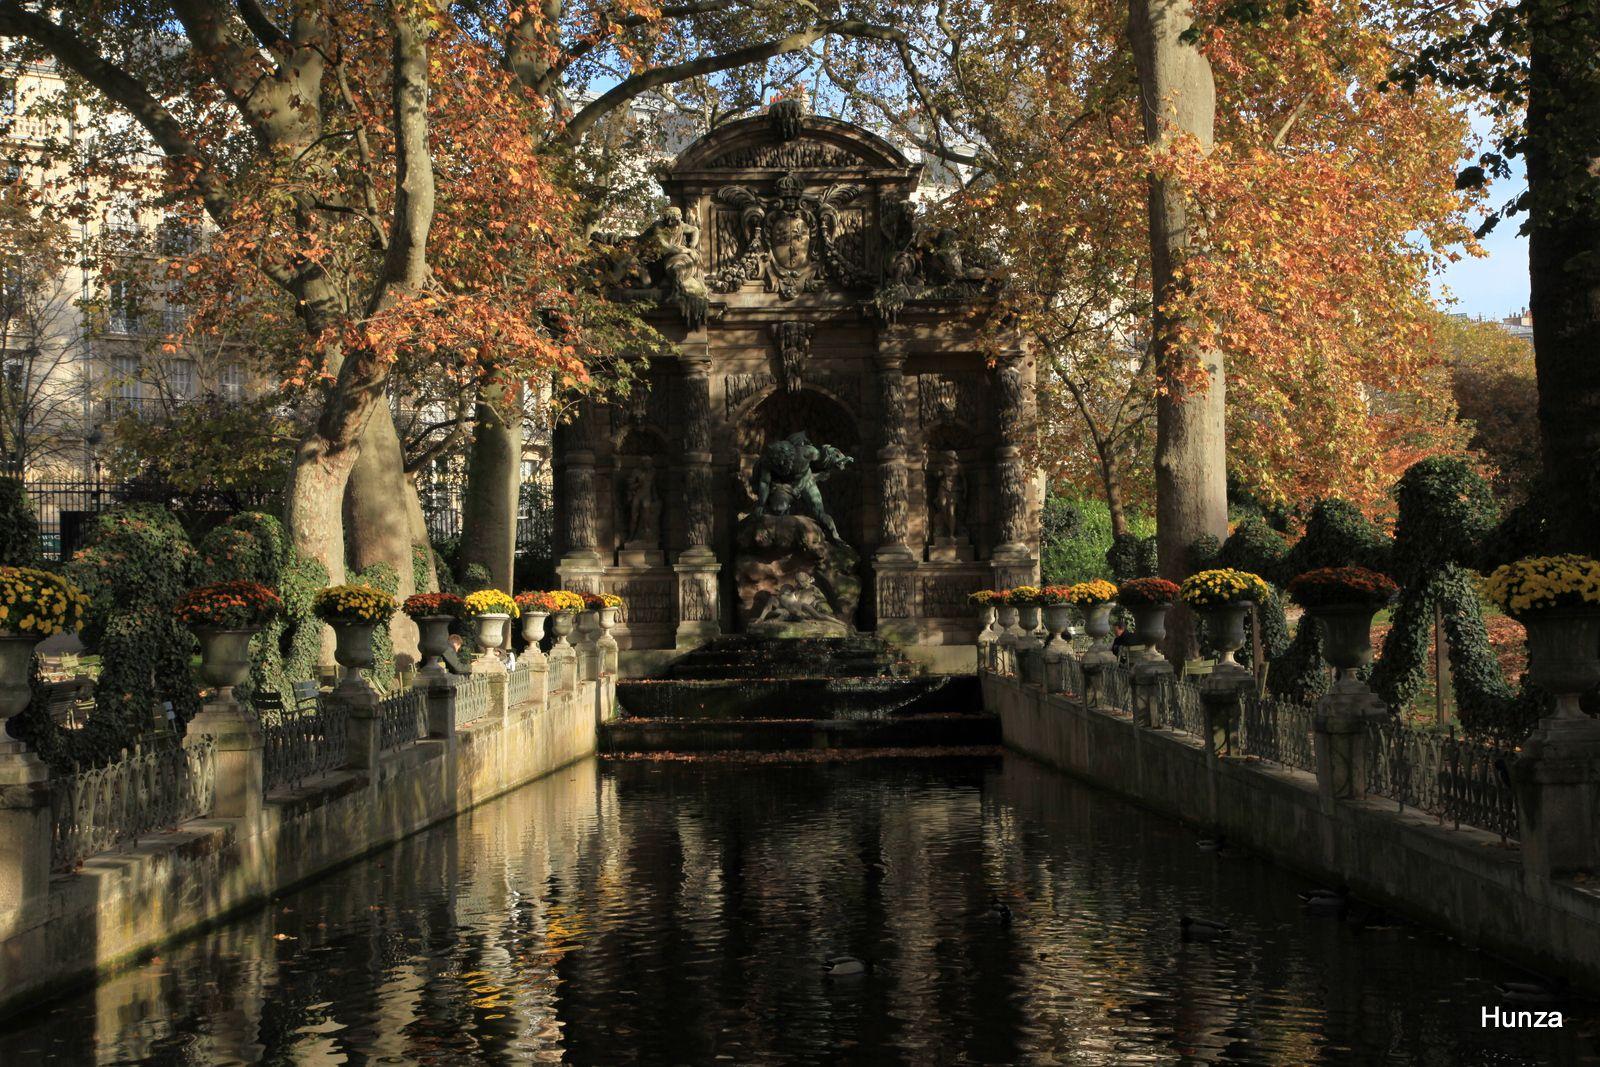 Paris, fontaine Médicis